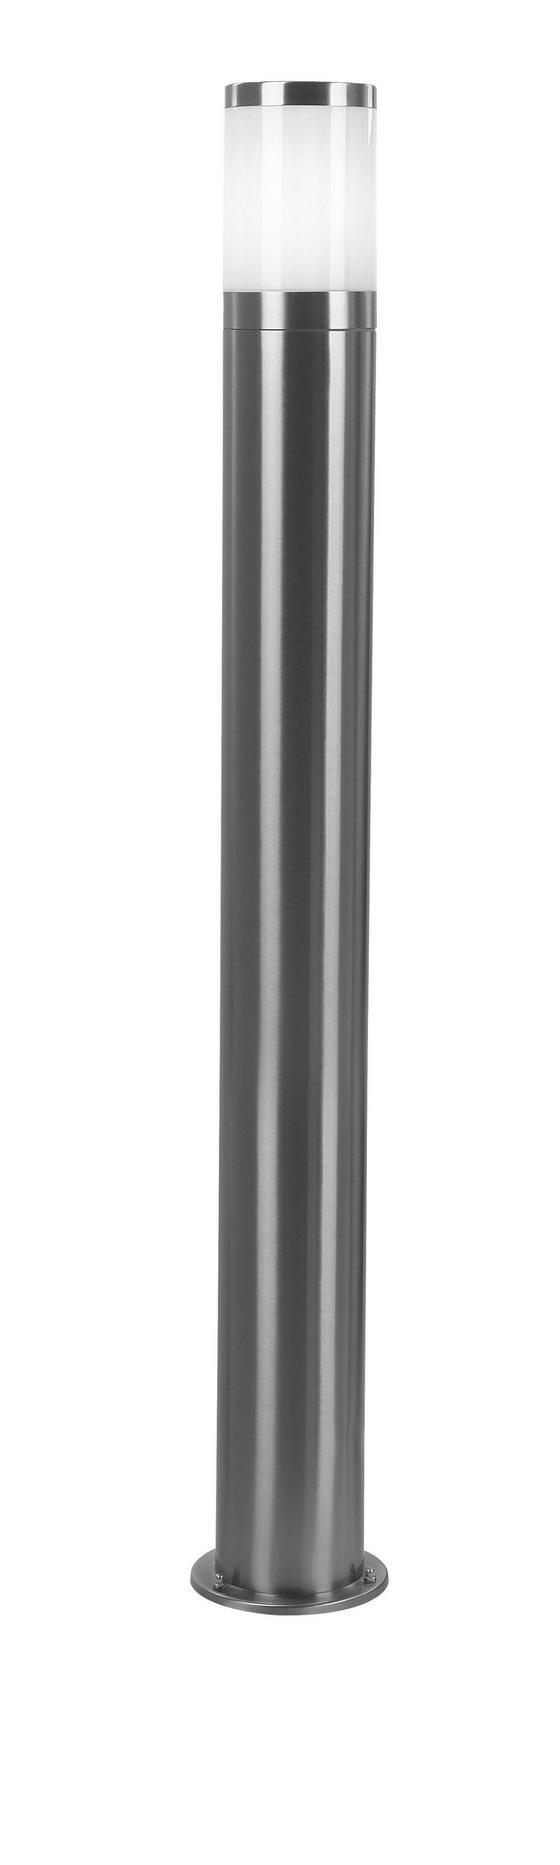 Außenleuchte Xeloo - KONVENTIONELL, Kunststoff/Metall (14/80cm)